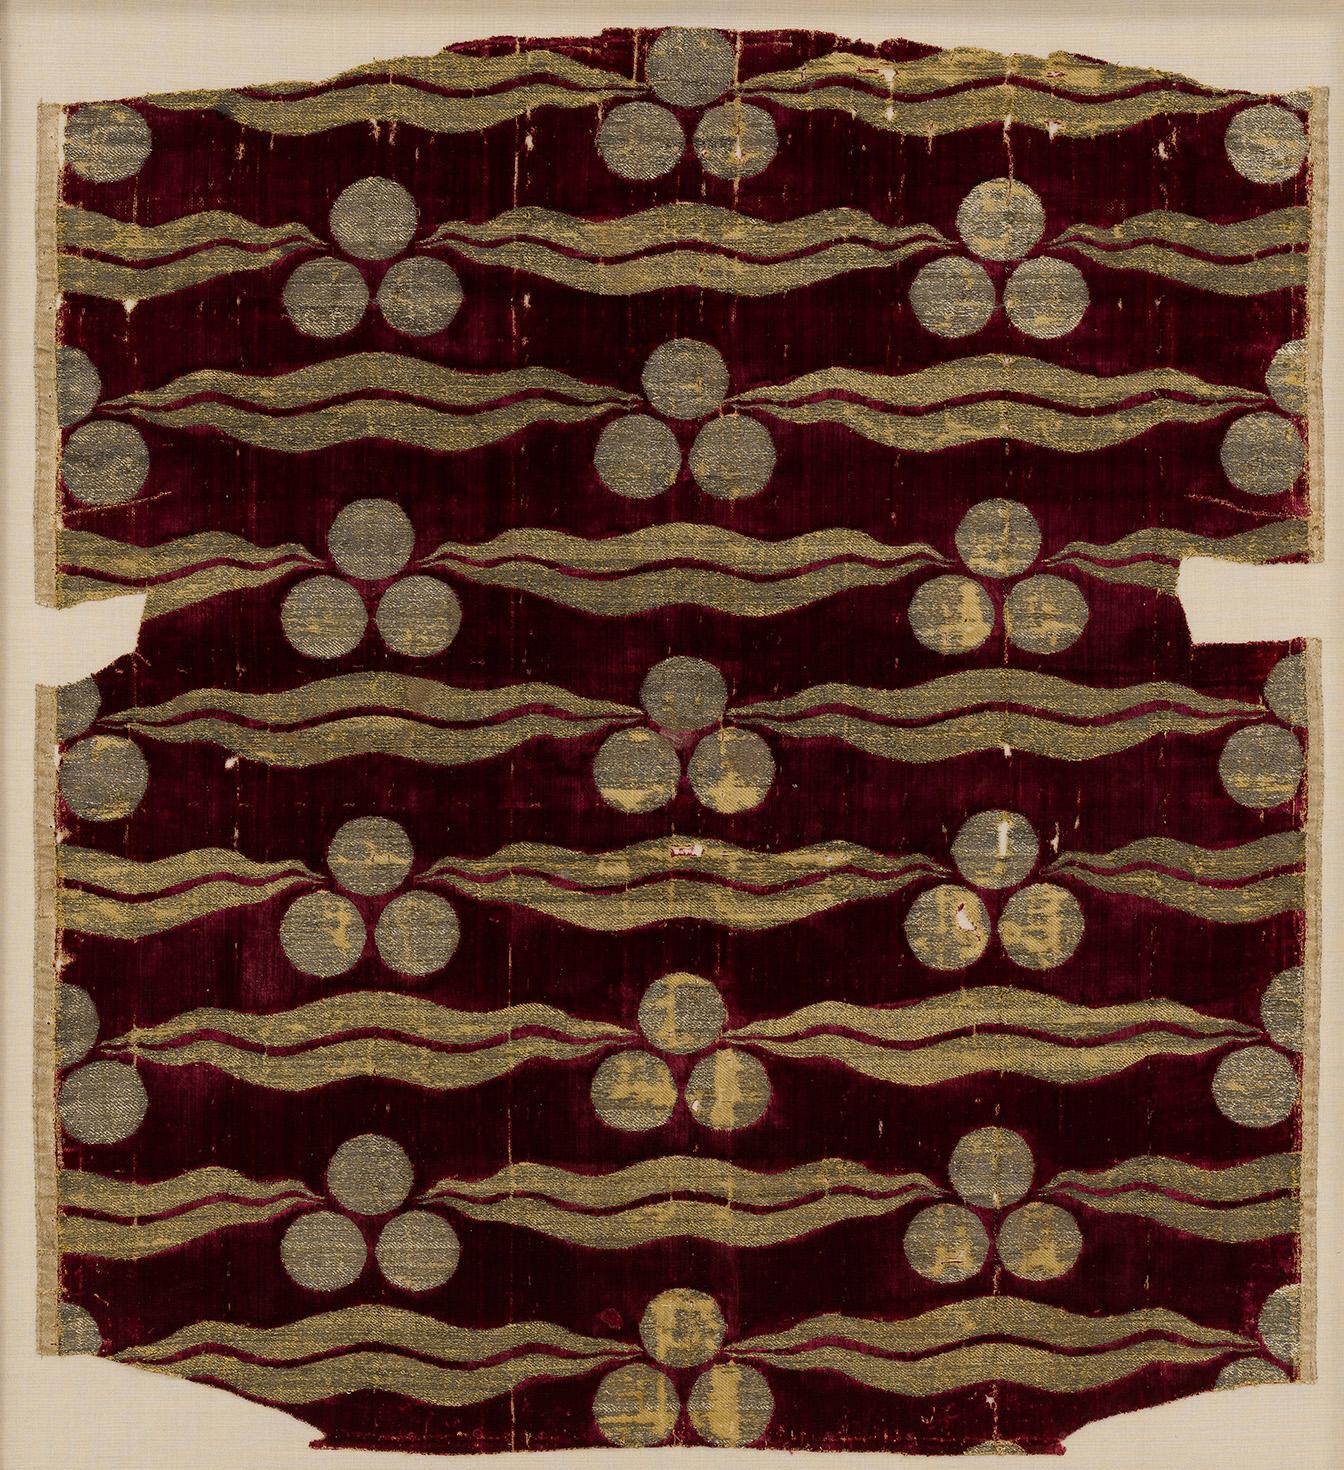 Çatma, 15e eeuw